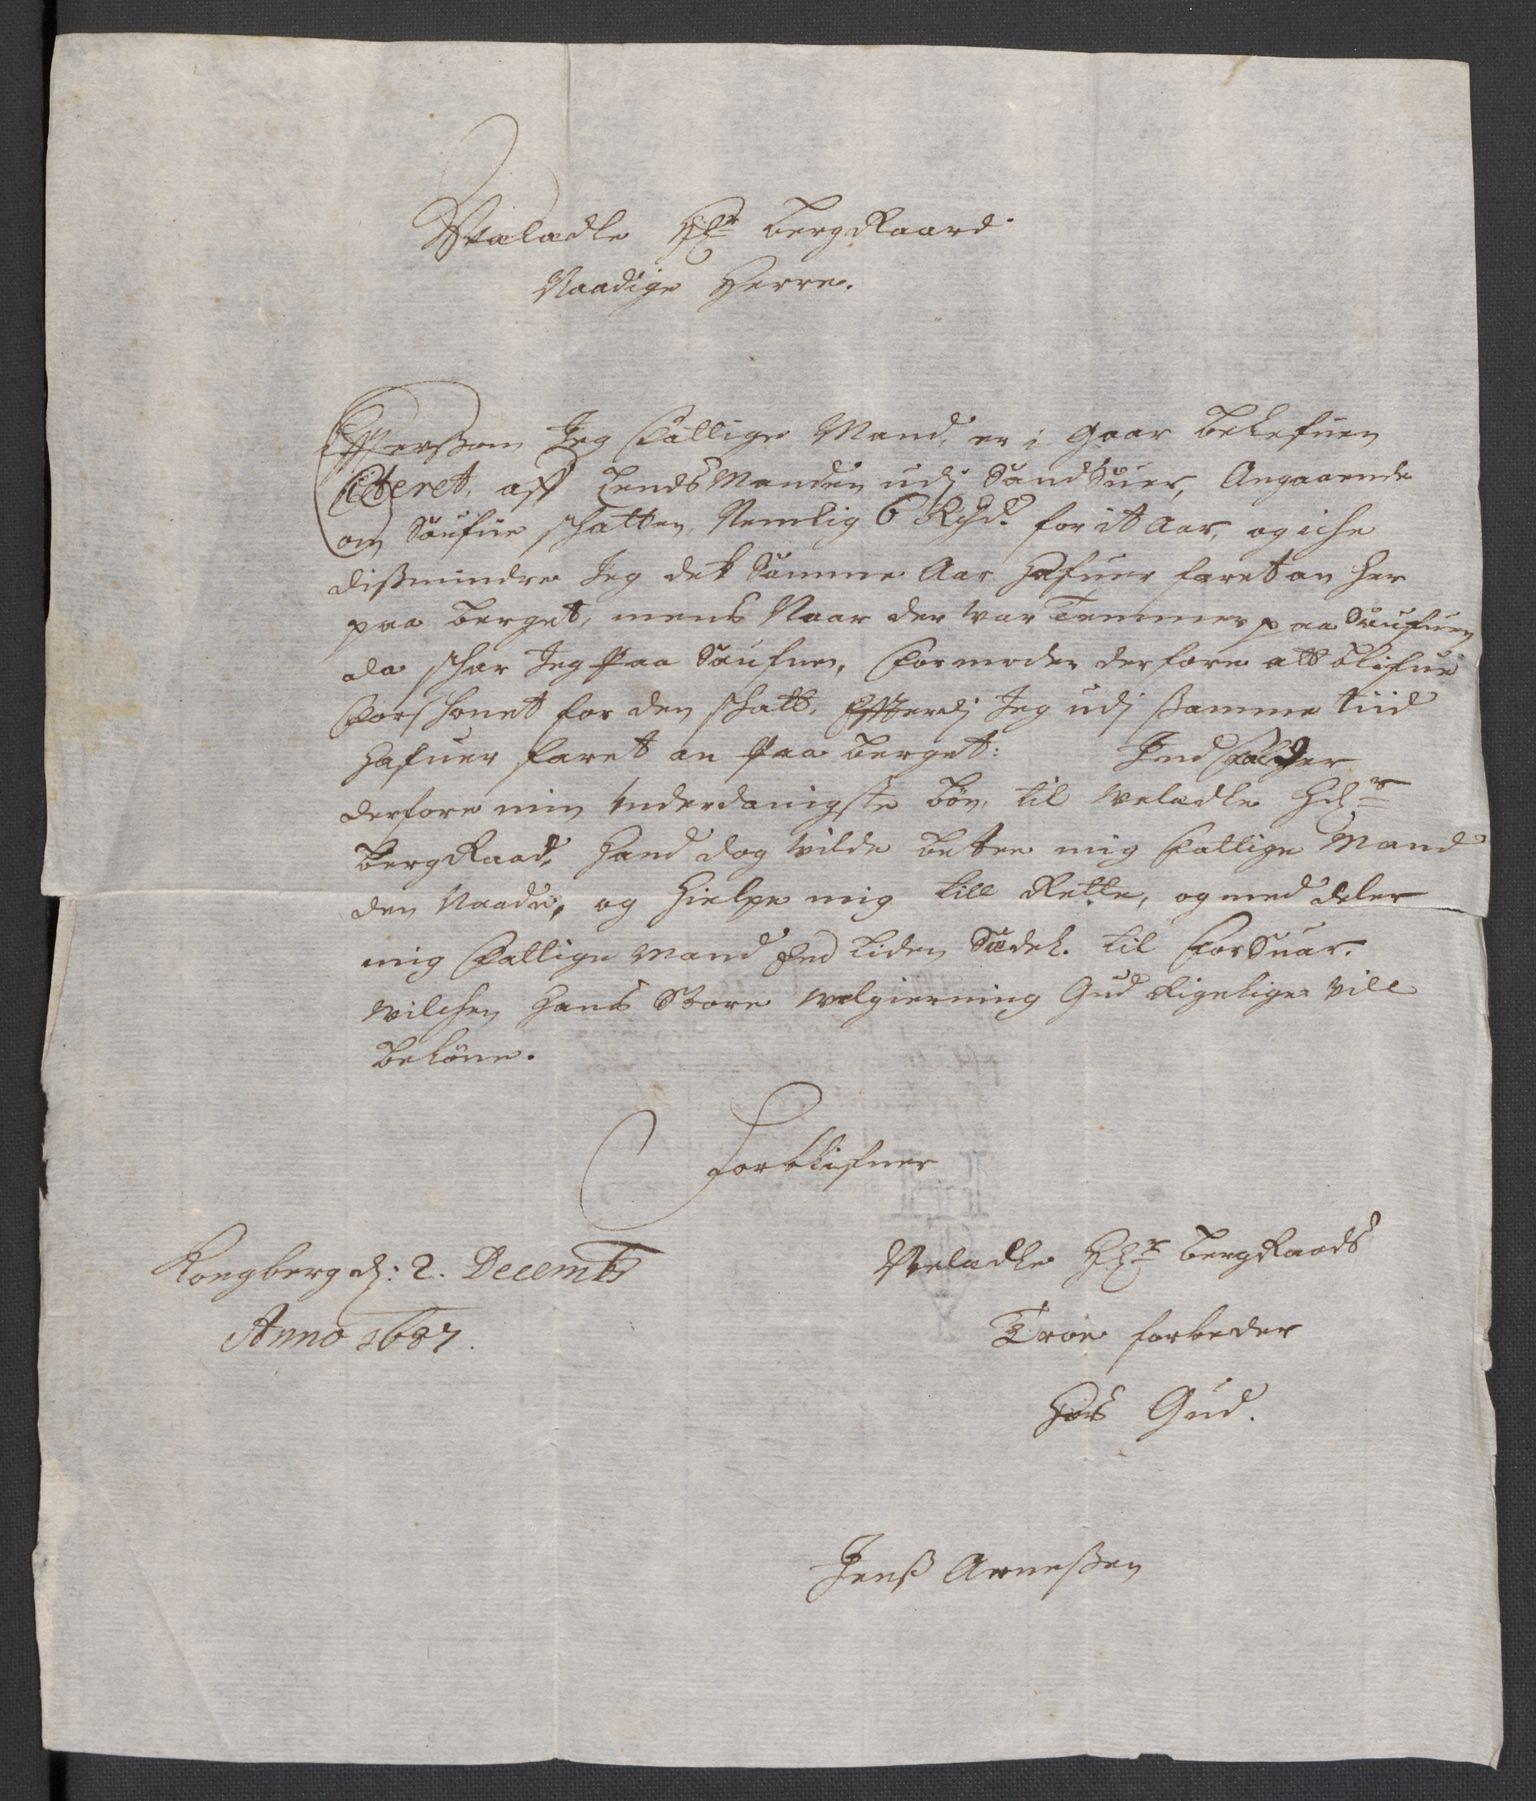 RA, Rentekammeret inntil 1814, Reviderte regnskaper, Fogderegnskap, R24/L1573: Fogderegnskap Numedal og Sandsvær, 1687-1691, s. 197